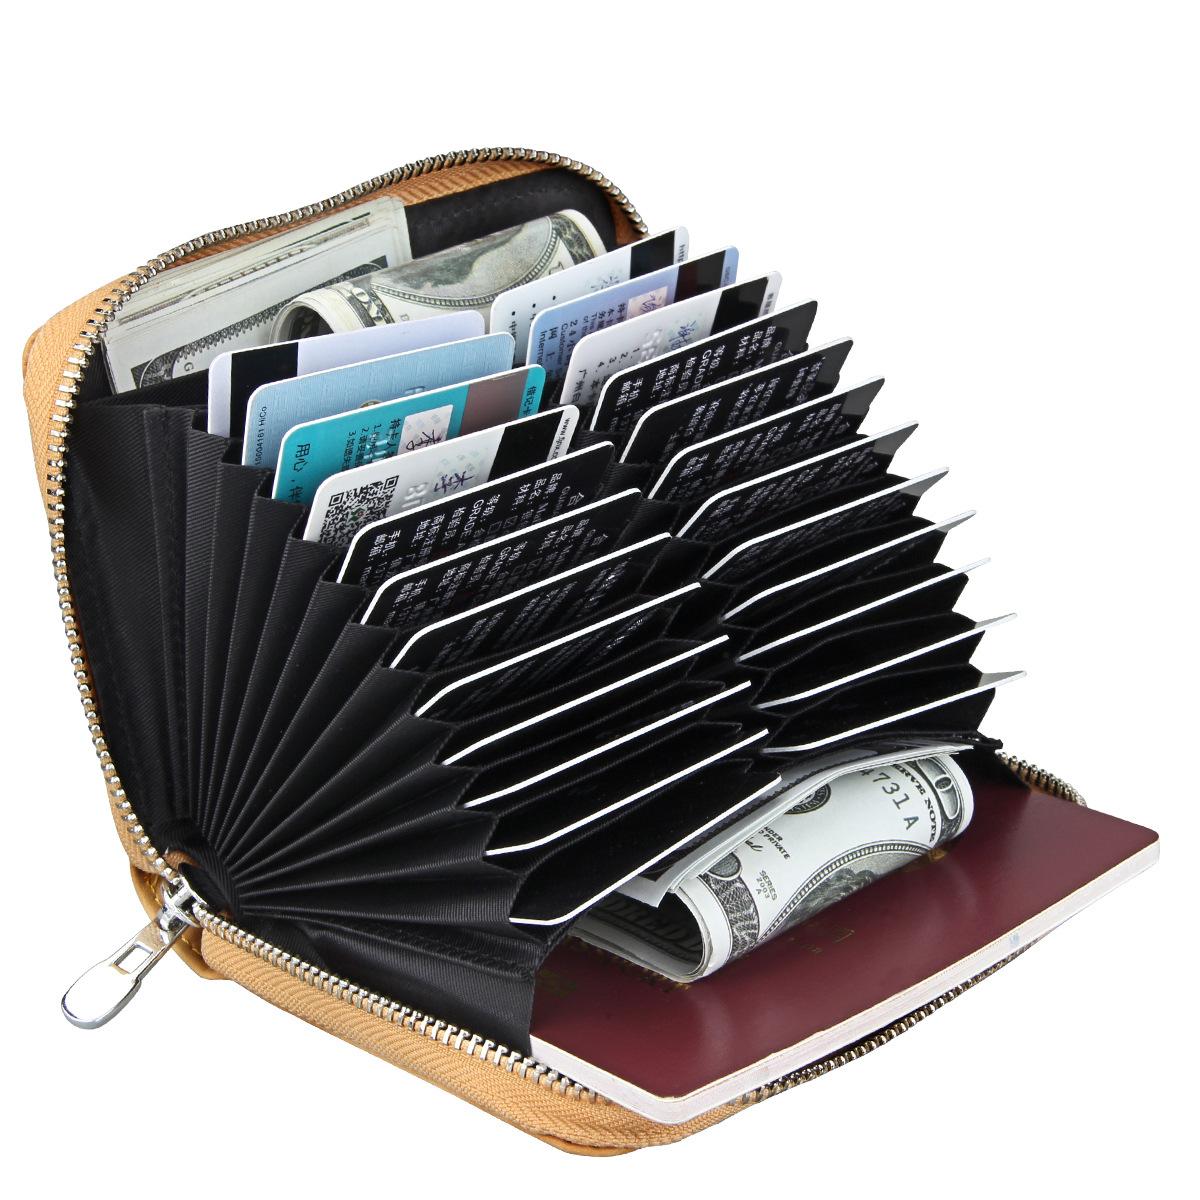 2018 new ladies organ gói thẻ da chống-RFID hàng tăng gấp đôi thẻ đa vị trí purse nam bộ thẻ tùy chỉnh